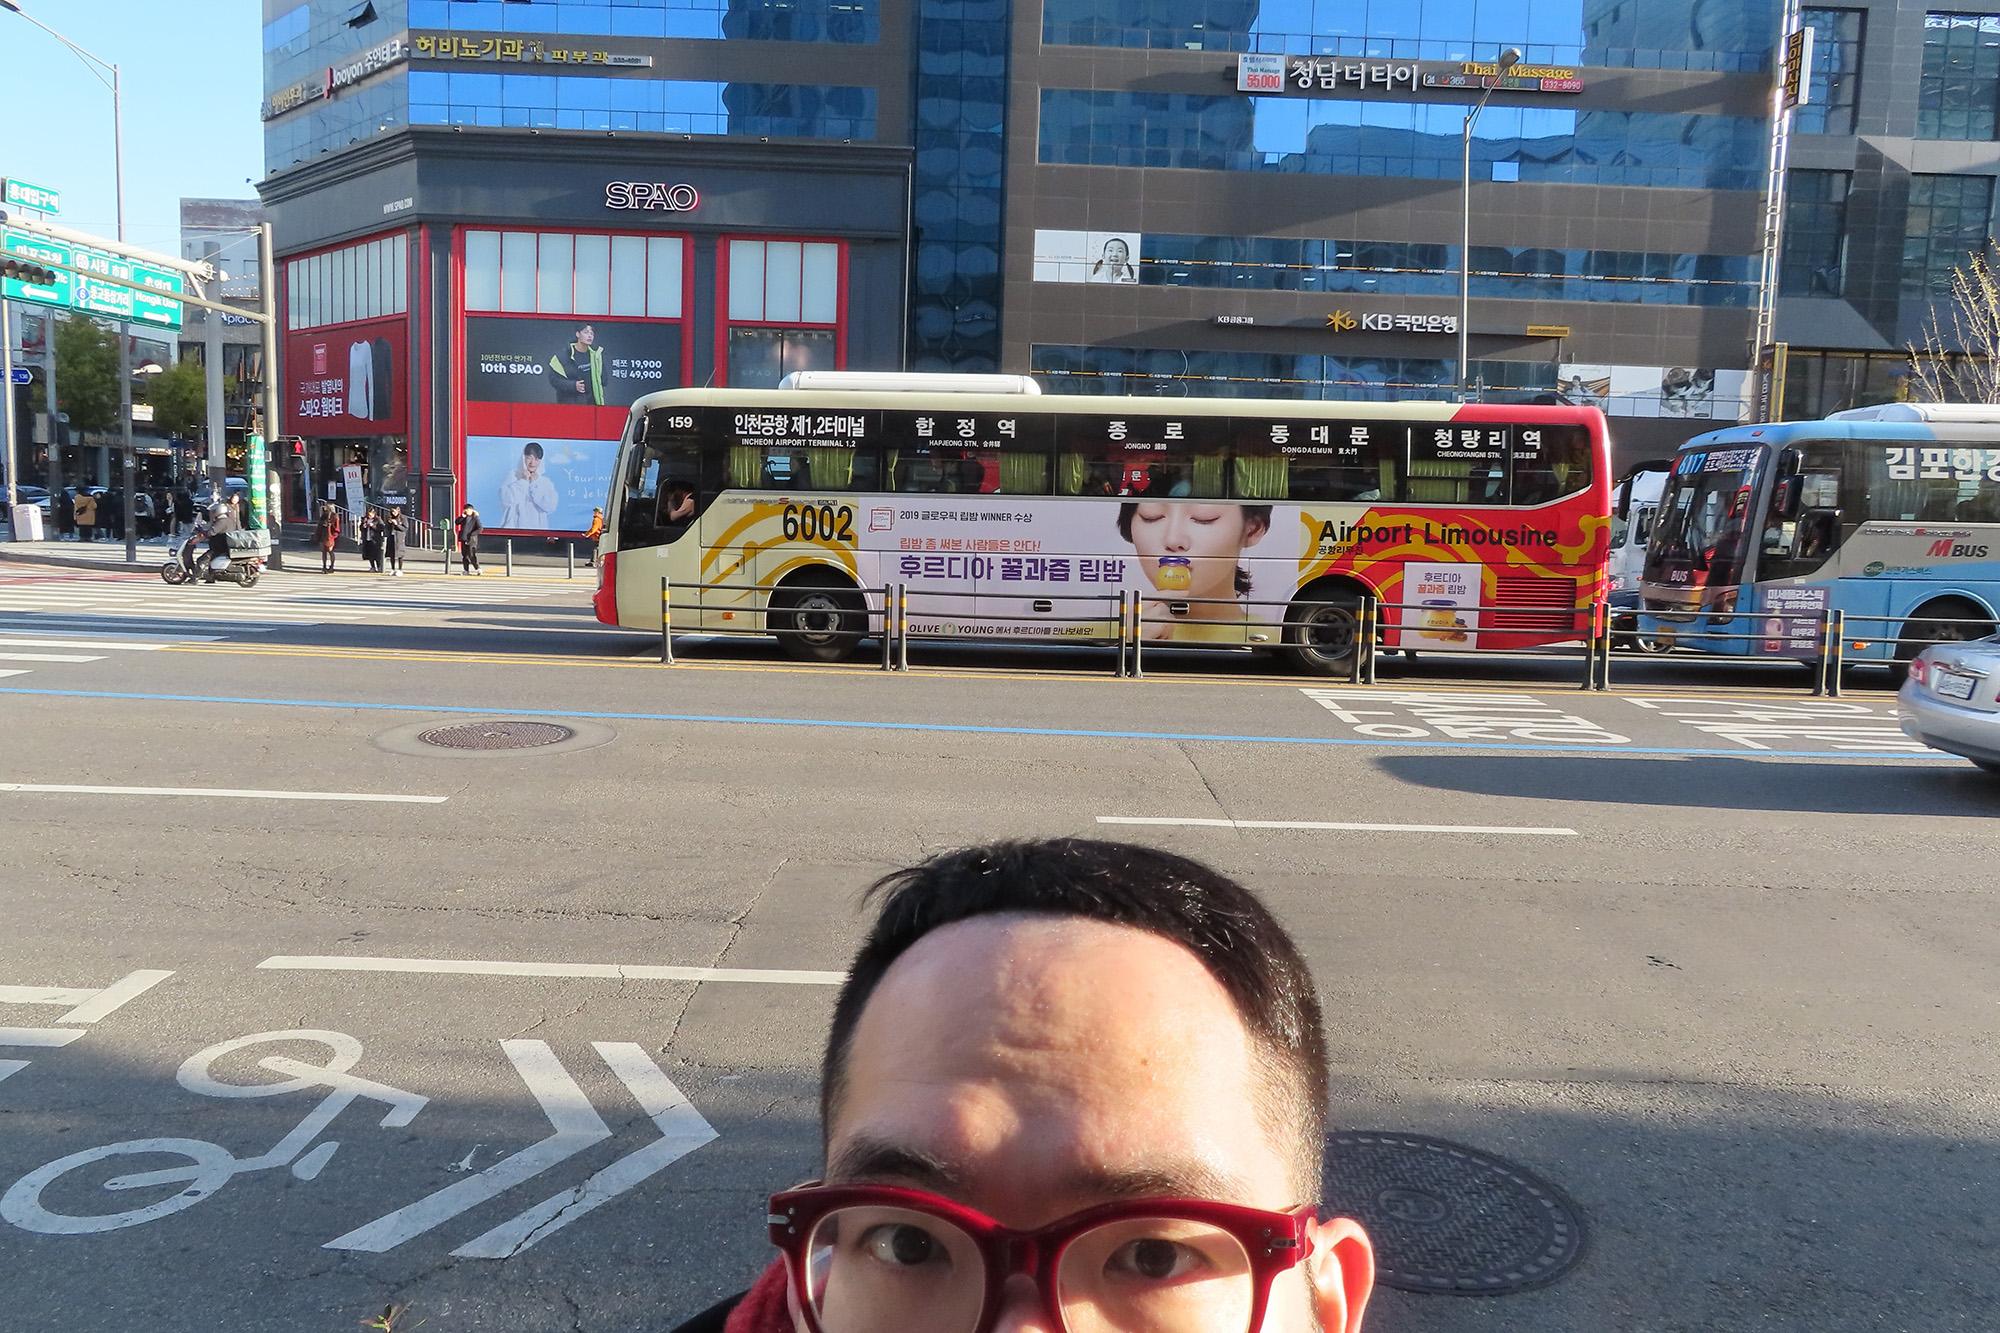 写真はホンデ(弘大)の近くでとりました。ホンデはソウルの高田馬場的な街です。学生とおいしいお店たくさんあります。